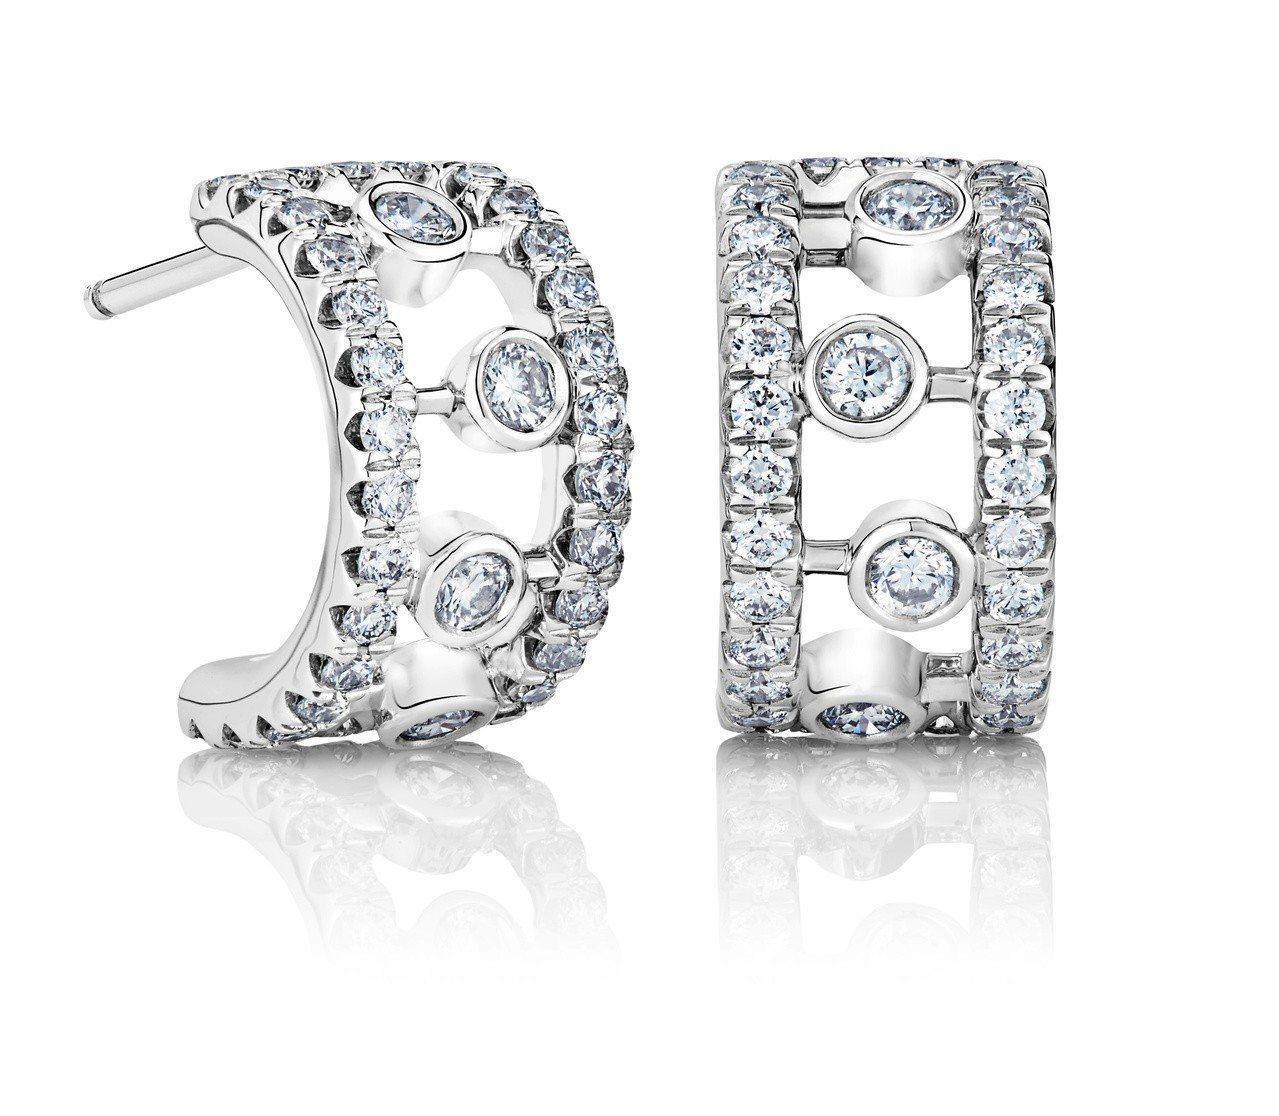 De Beers Dewdrop 18K白金鑽石耳環。圖/De Beers提供